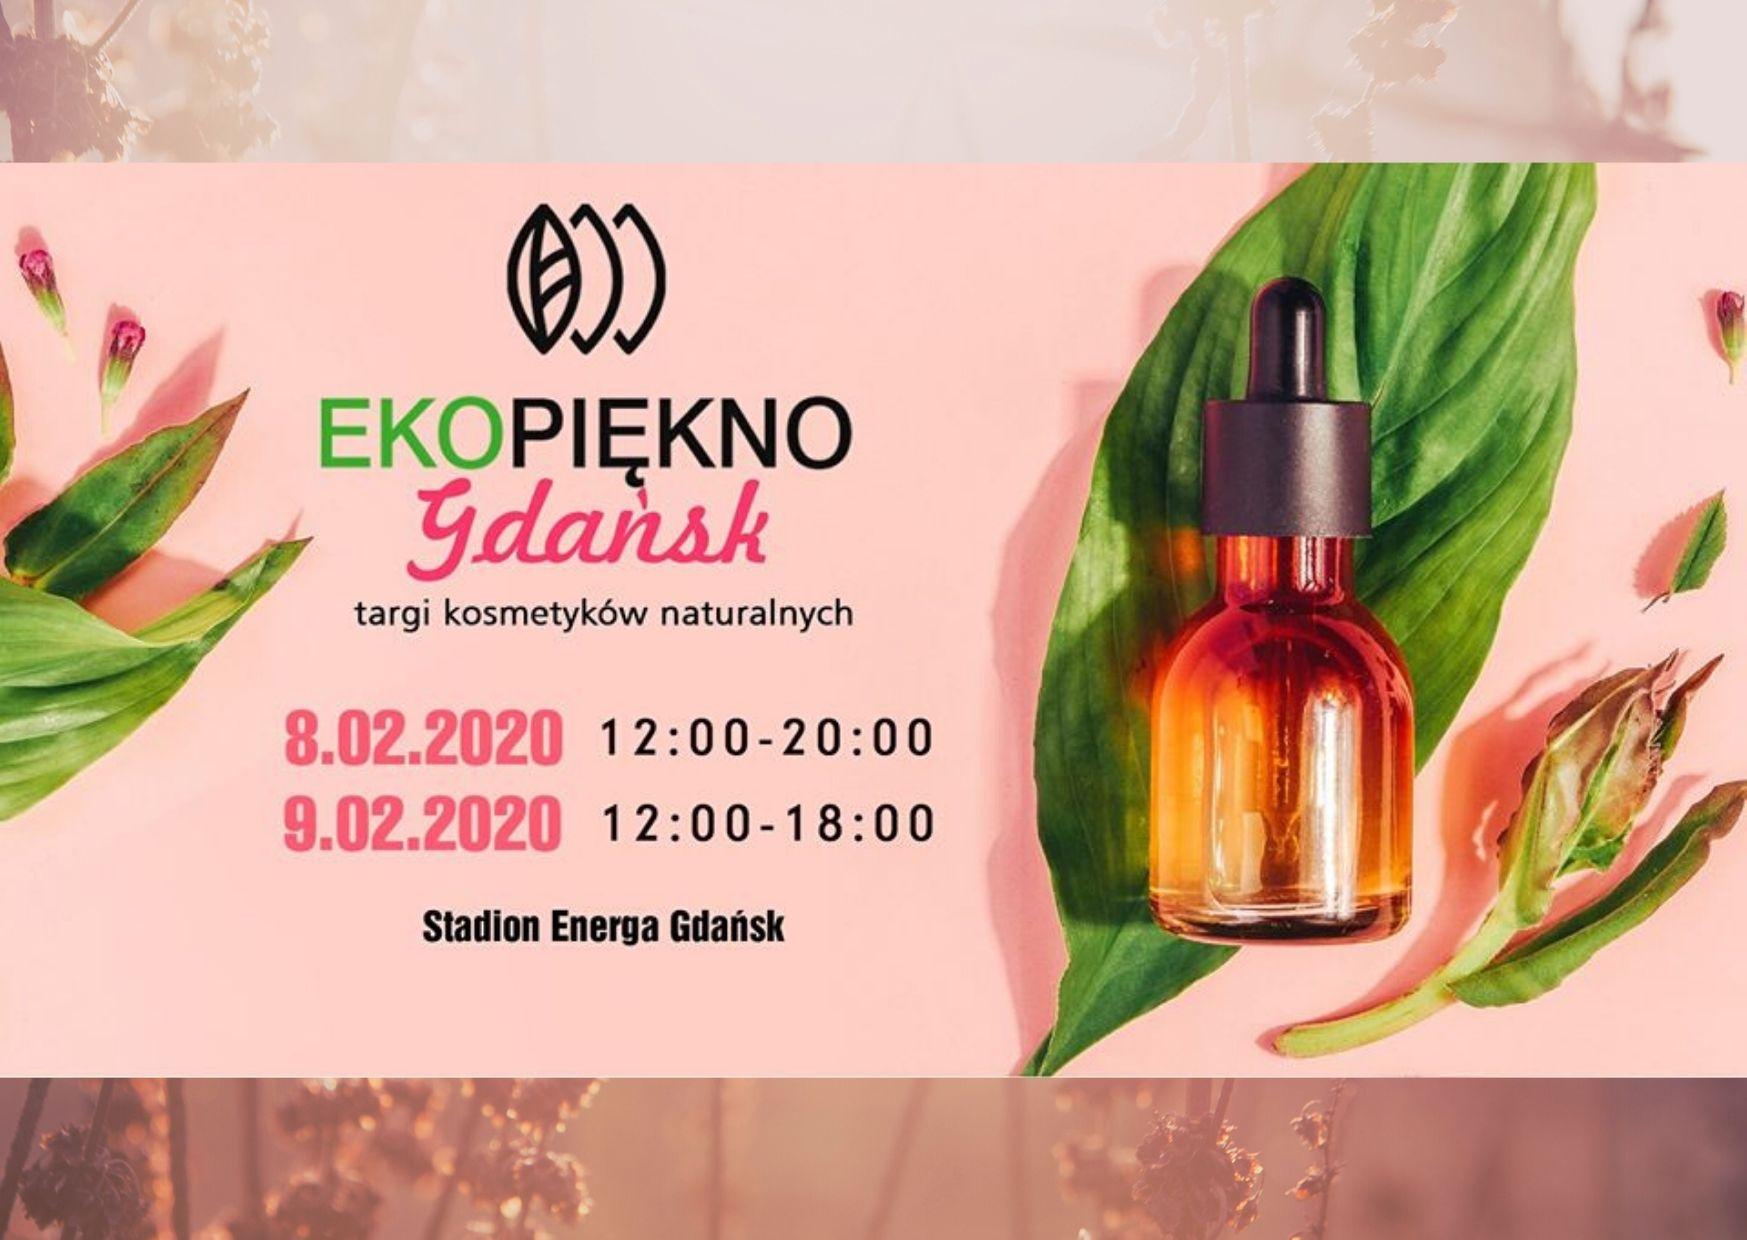 Ekopiękno. Targi kosmetyków naturalnych w Gdańsku